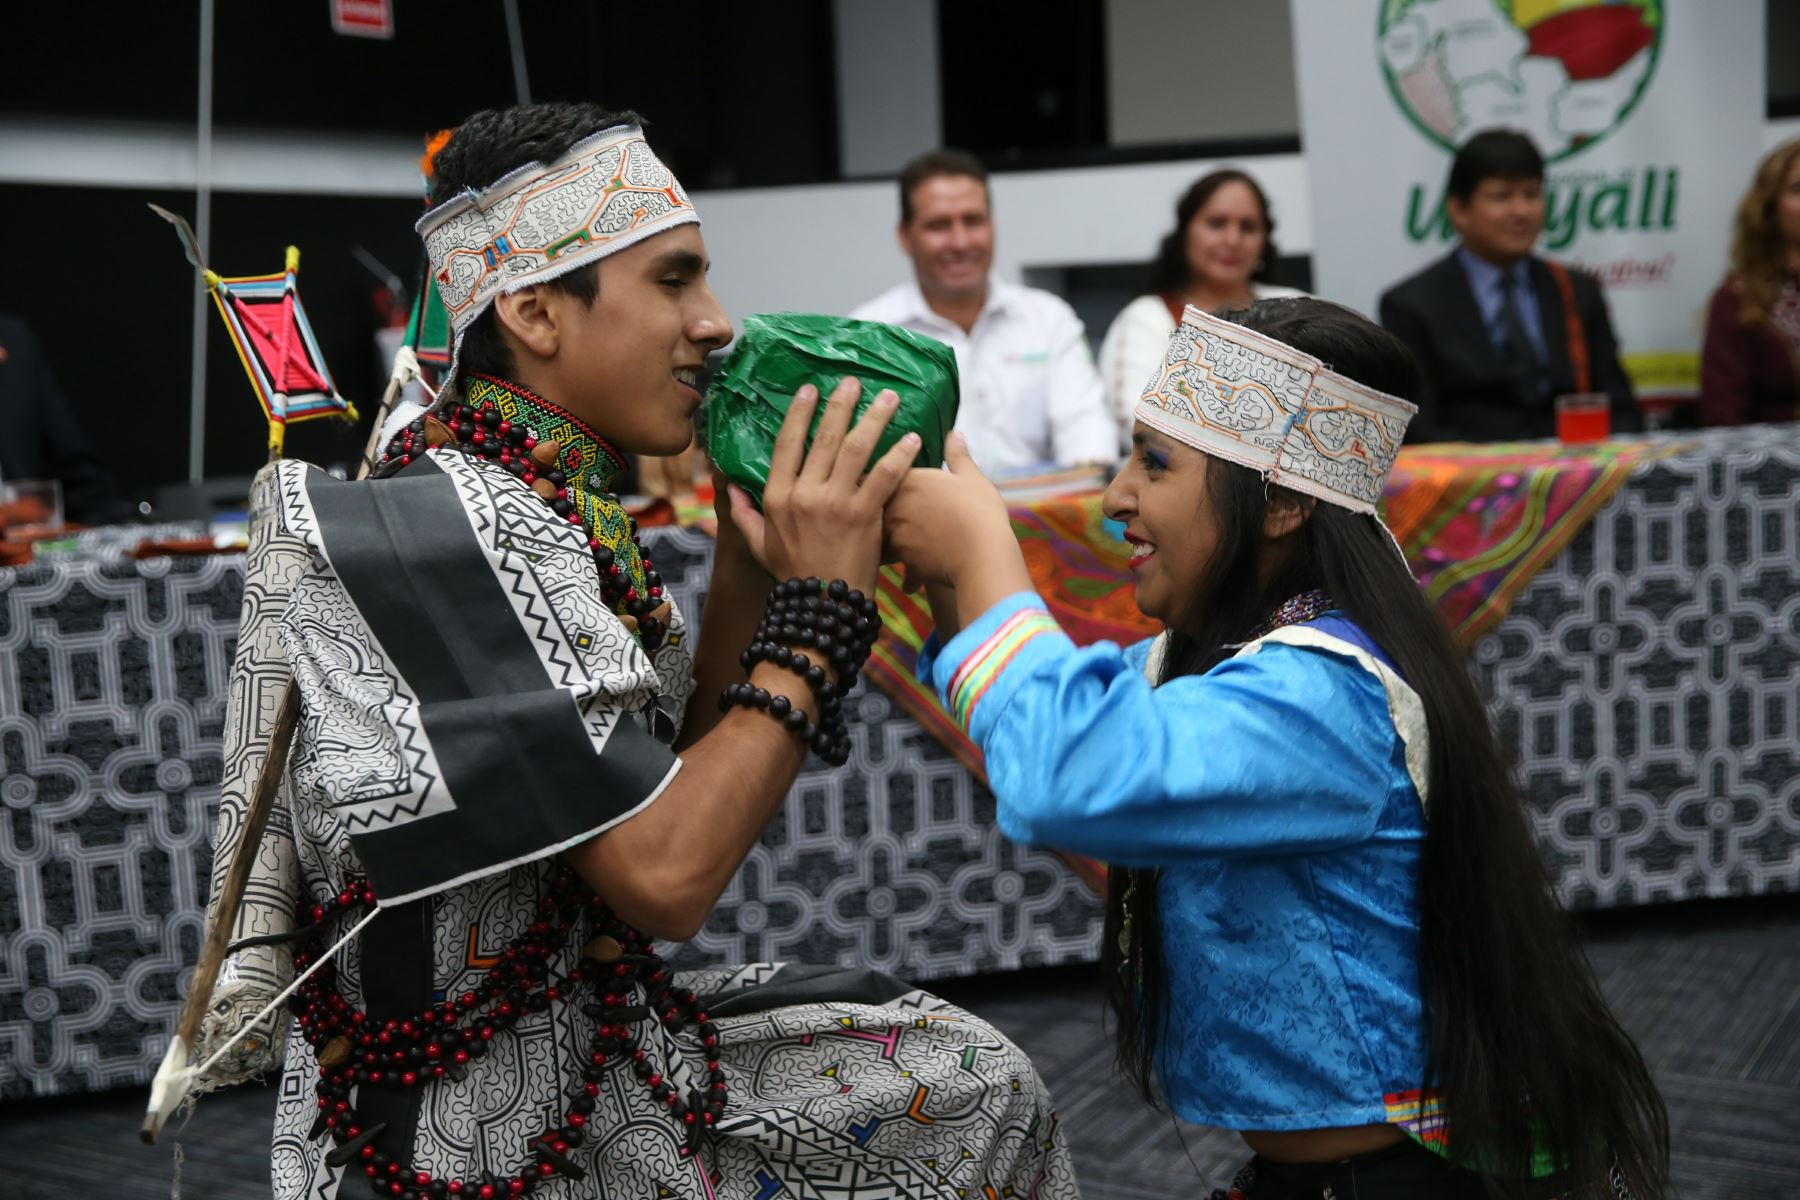 El Gobierno Regional de Ucayali y las autoridades municipales invitan al 23 Festival de San Juan 2018. Foto: ANDINA/Dante Zegarra